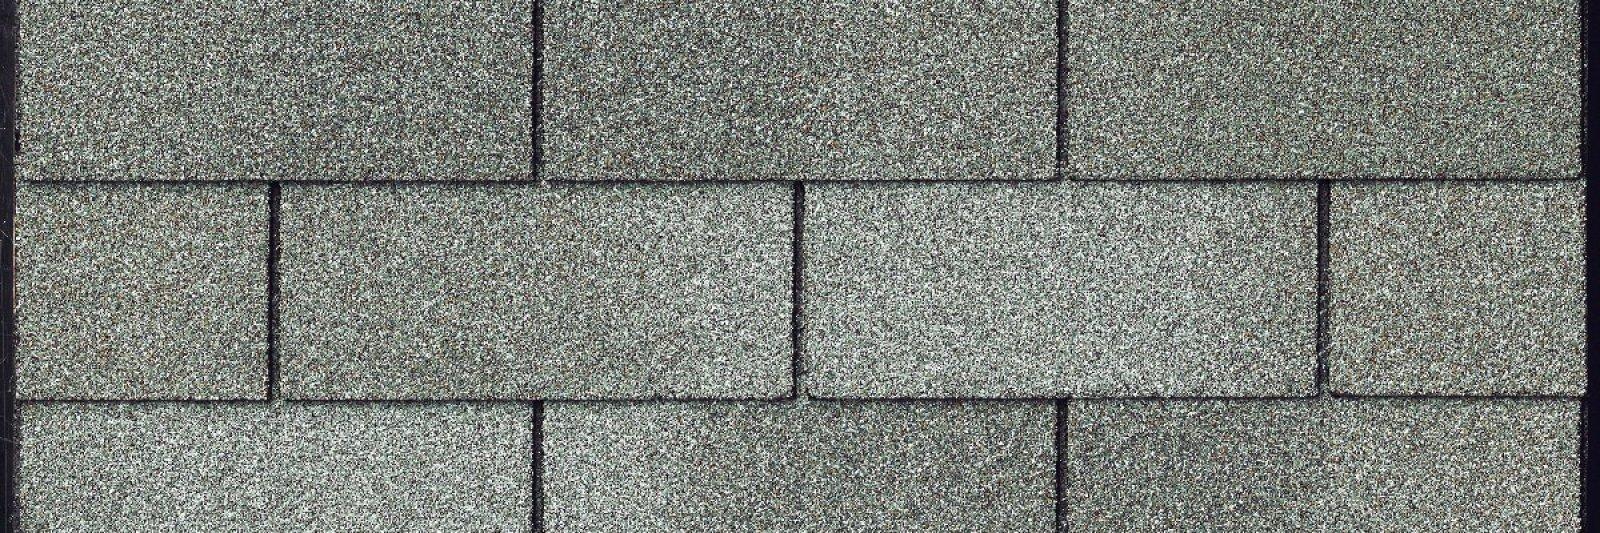 Cobblestone image